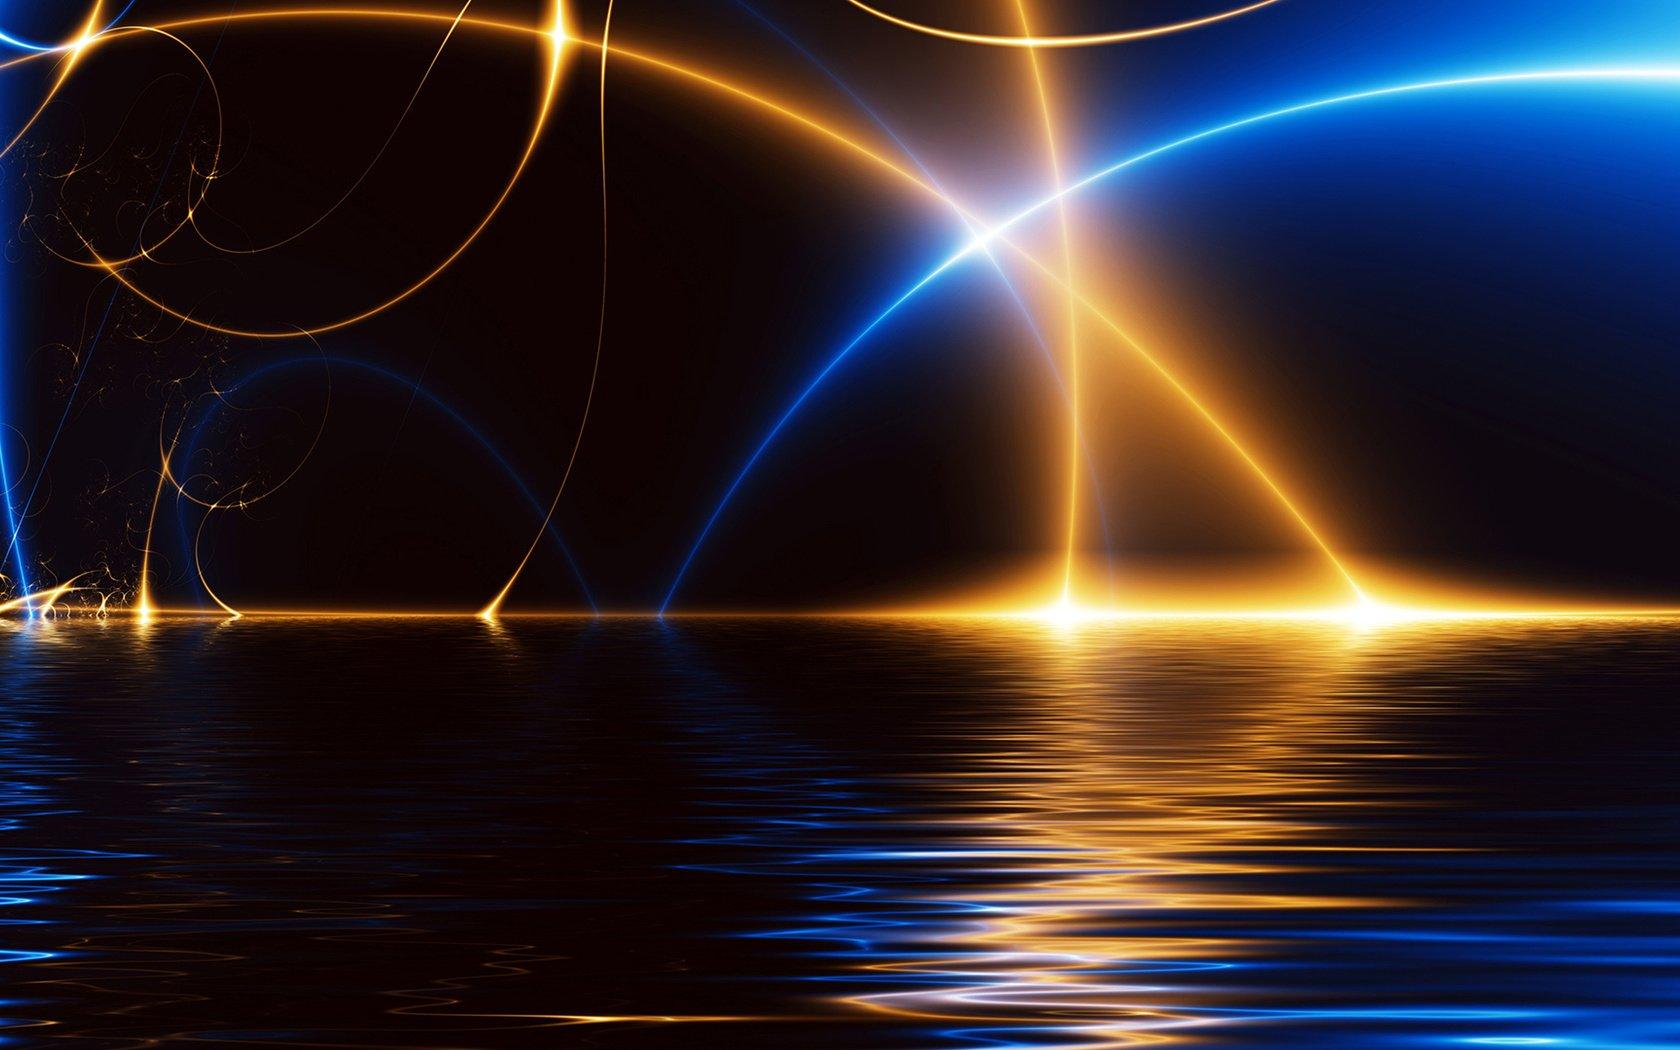 свет красивая картинка упор